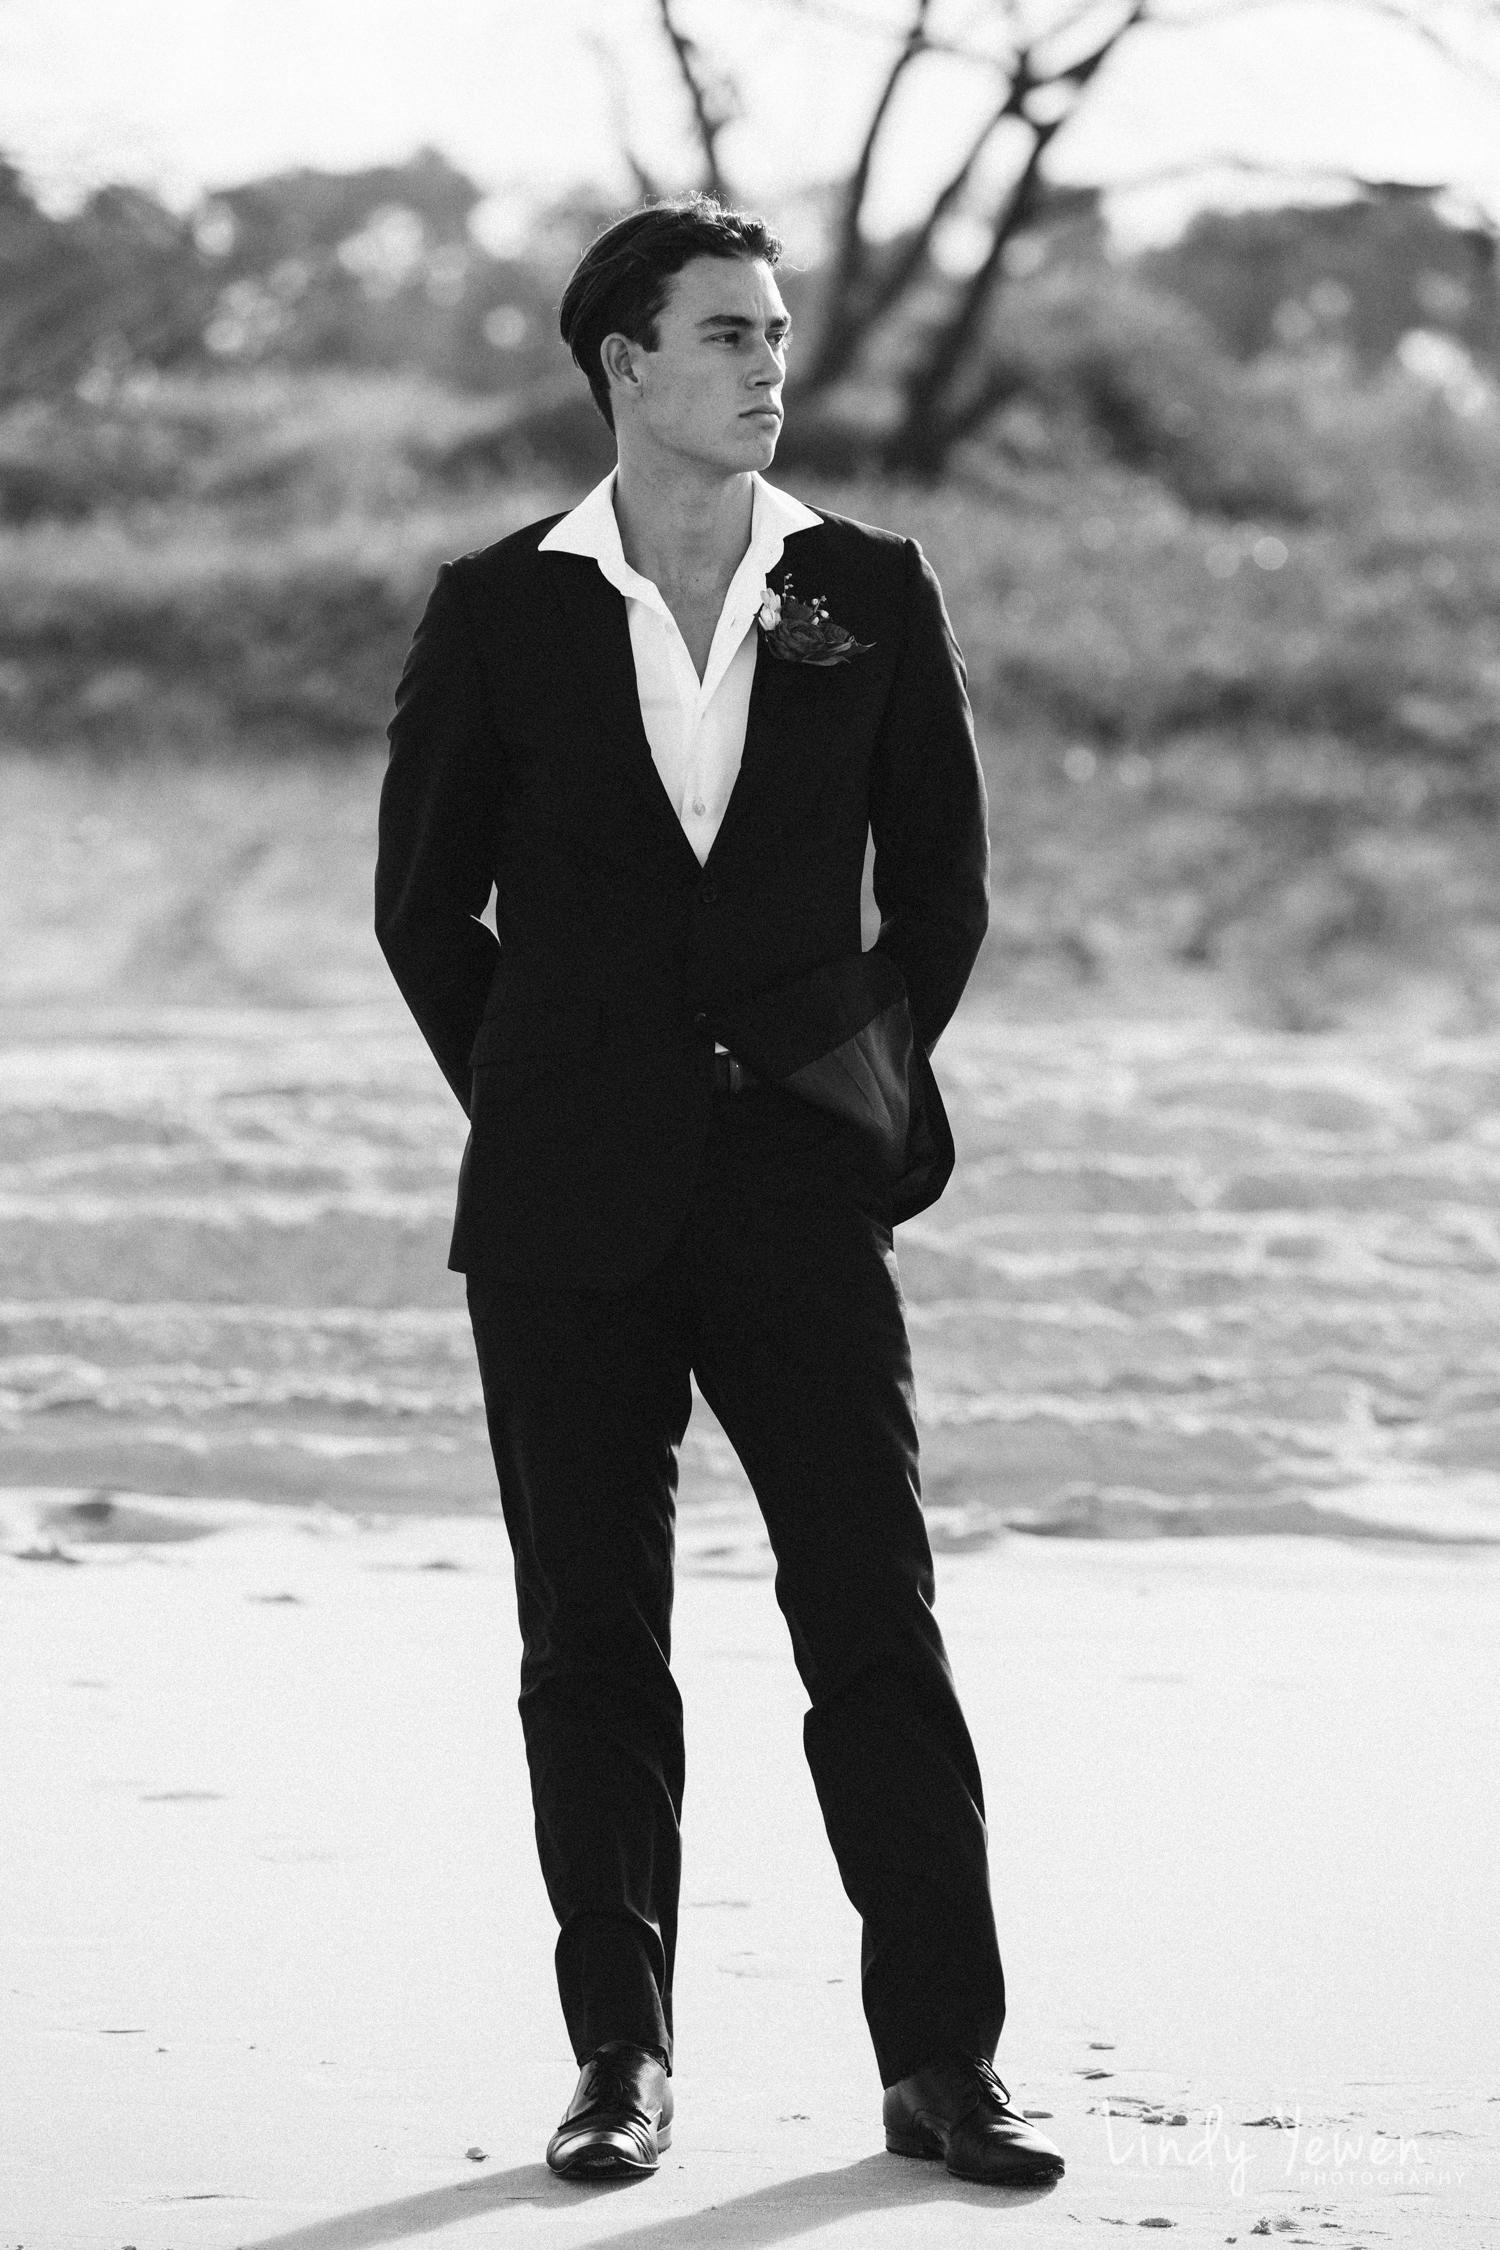 Lindy-Yewen-Photography-Spanish-Wedding 34.jpg